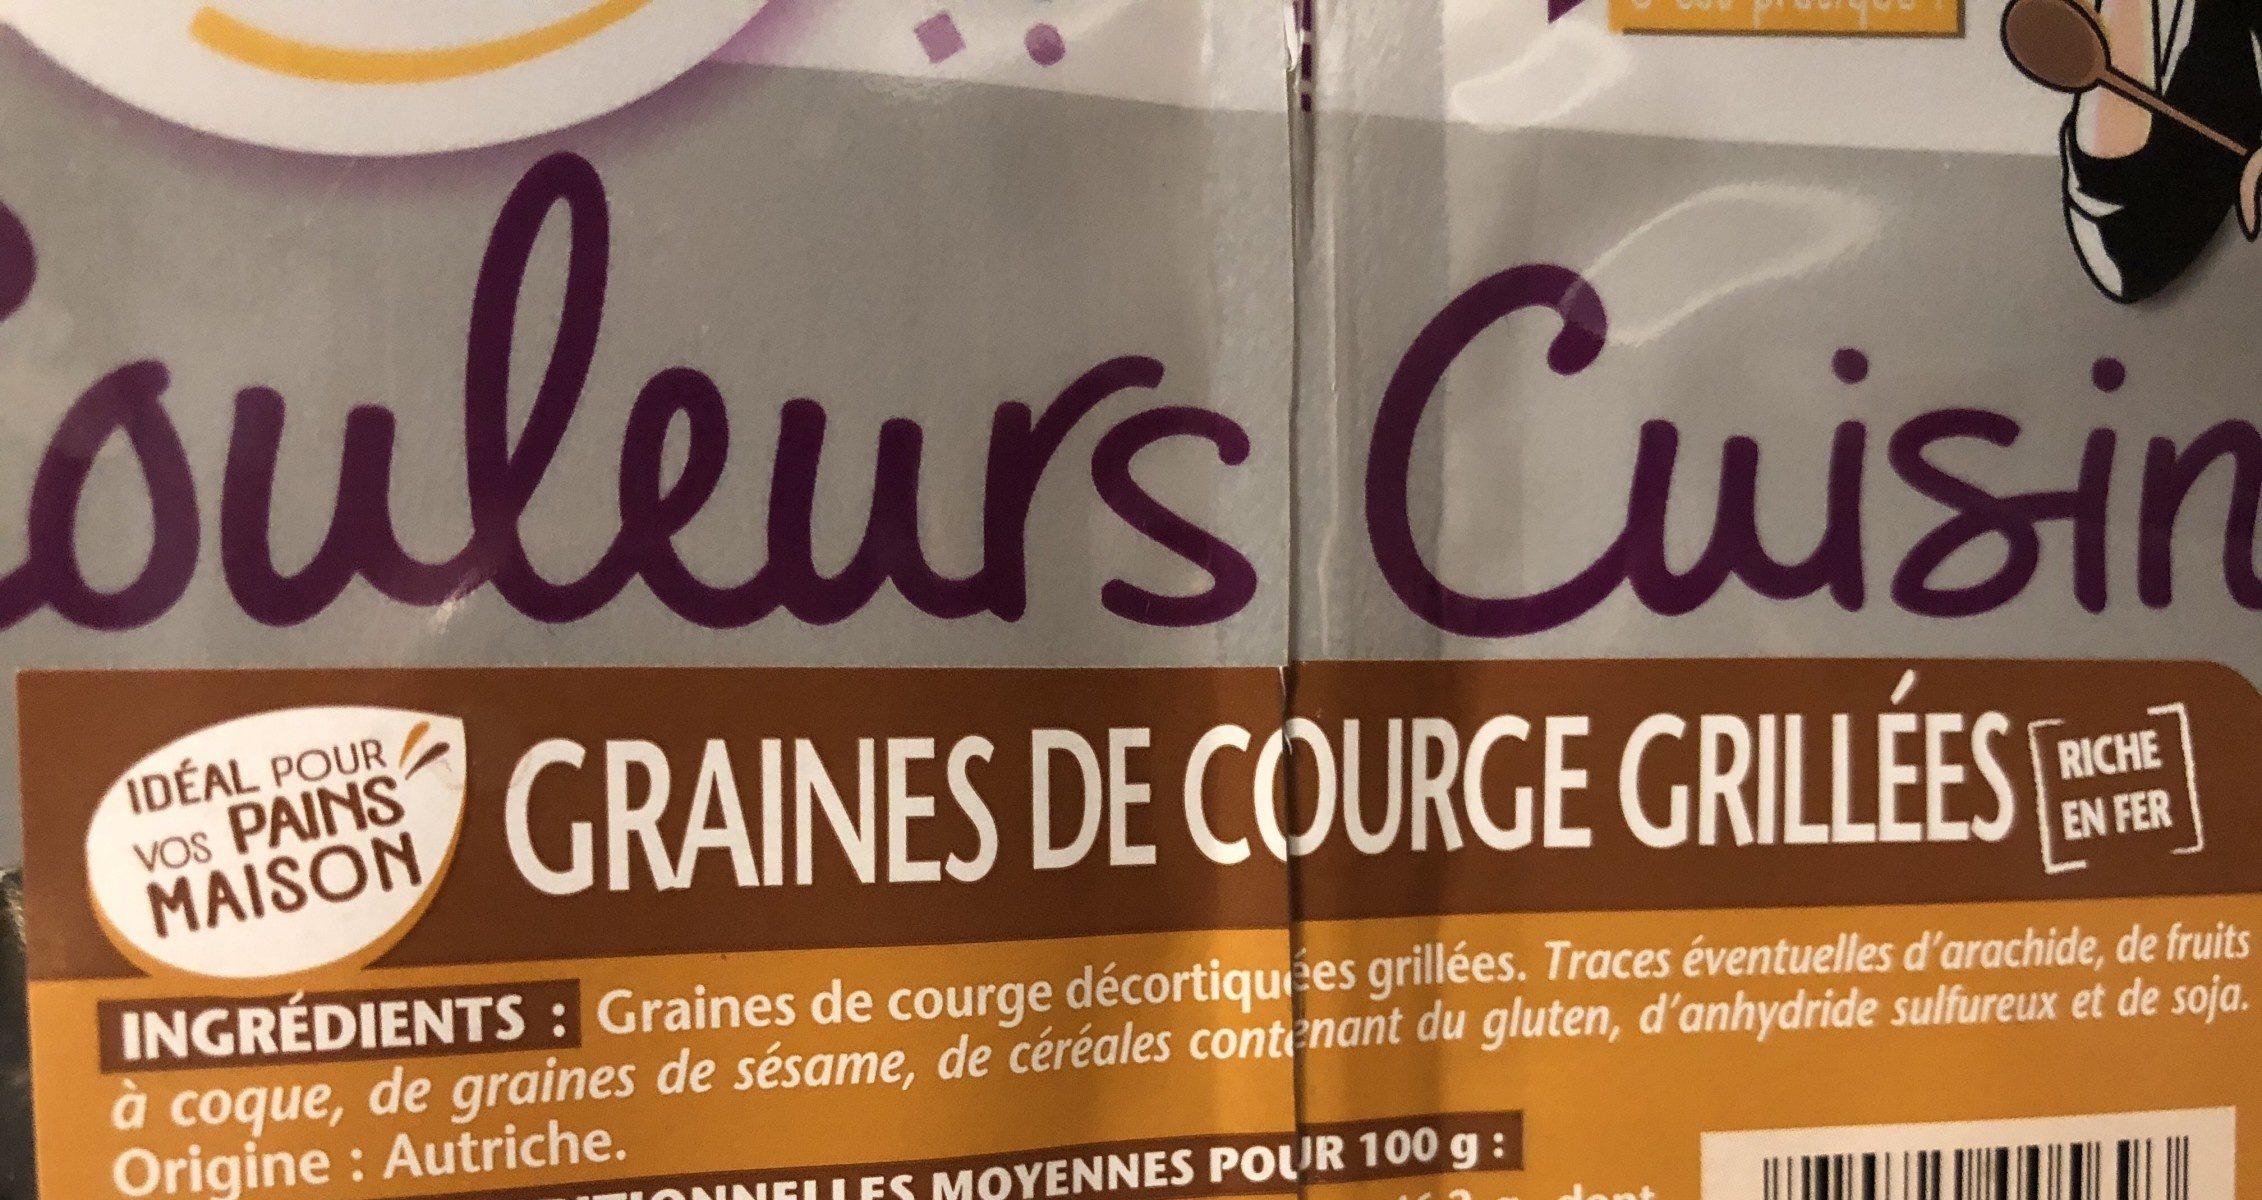 Graines de Courges - Ingrediënten - fr